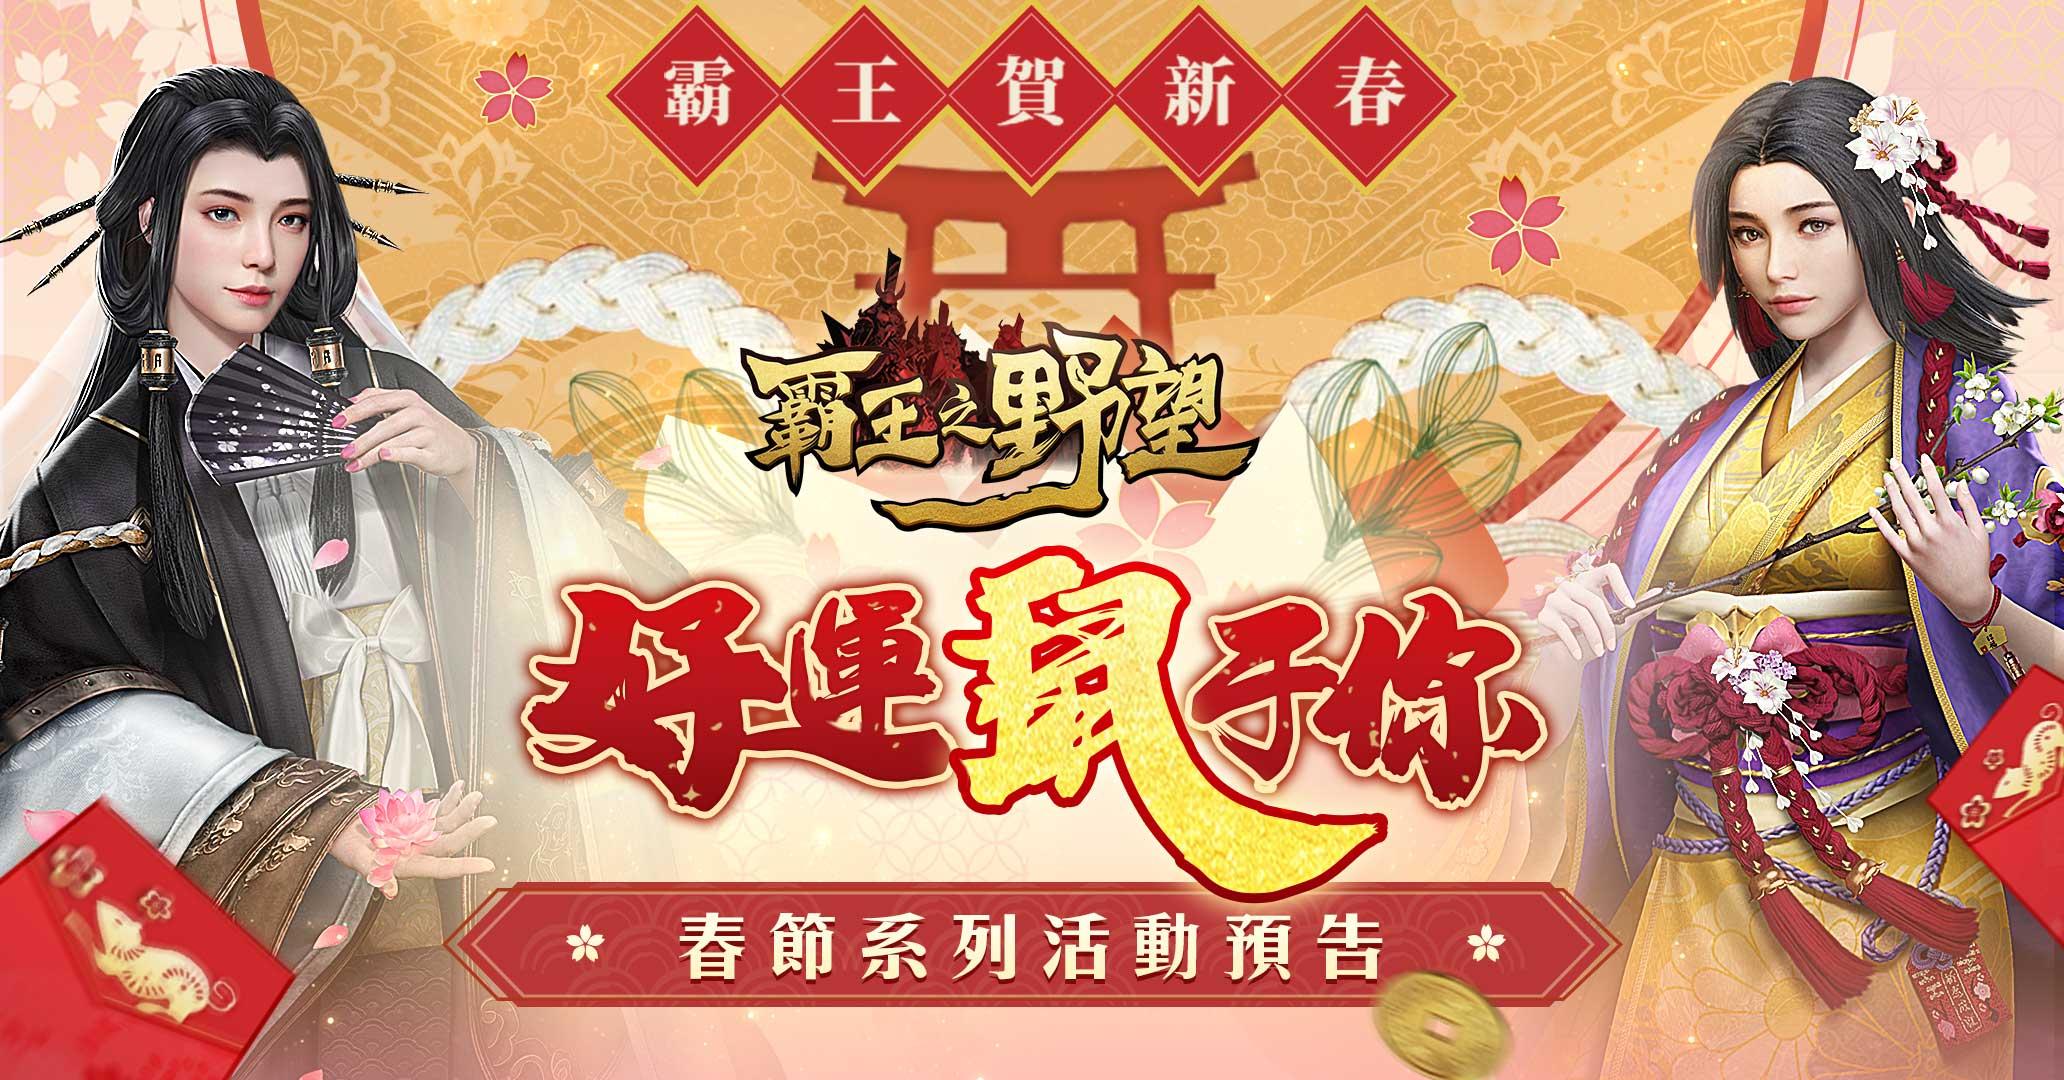 《霸王之野望》公開「春節慶典」系列玩法 名將「前田慶次」限時參戰